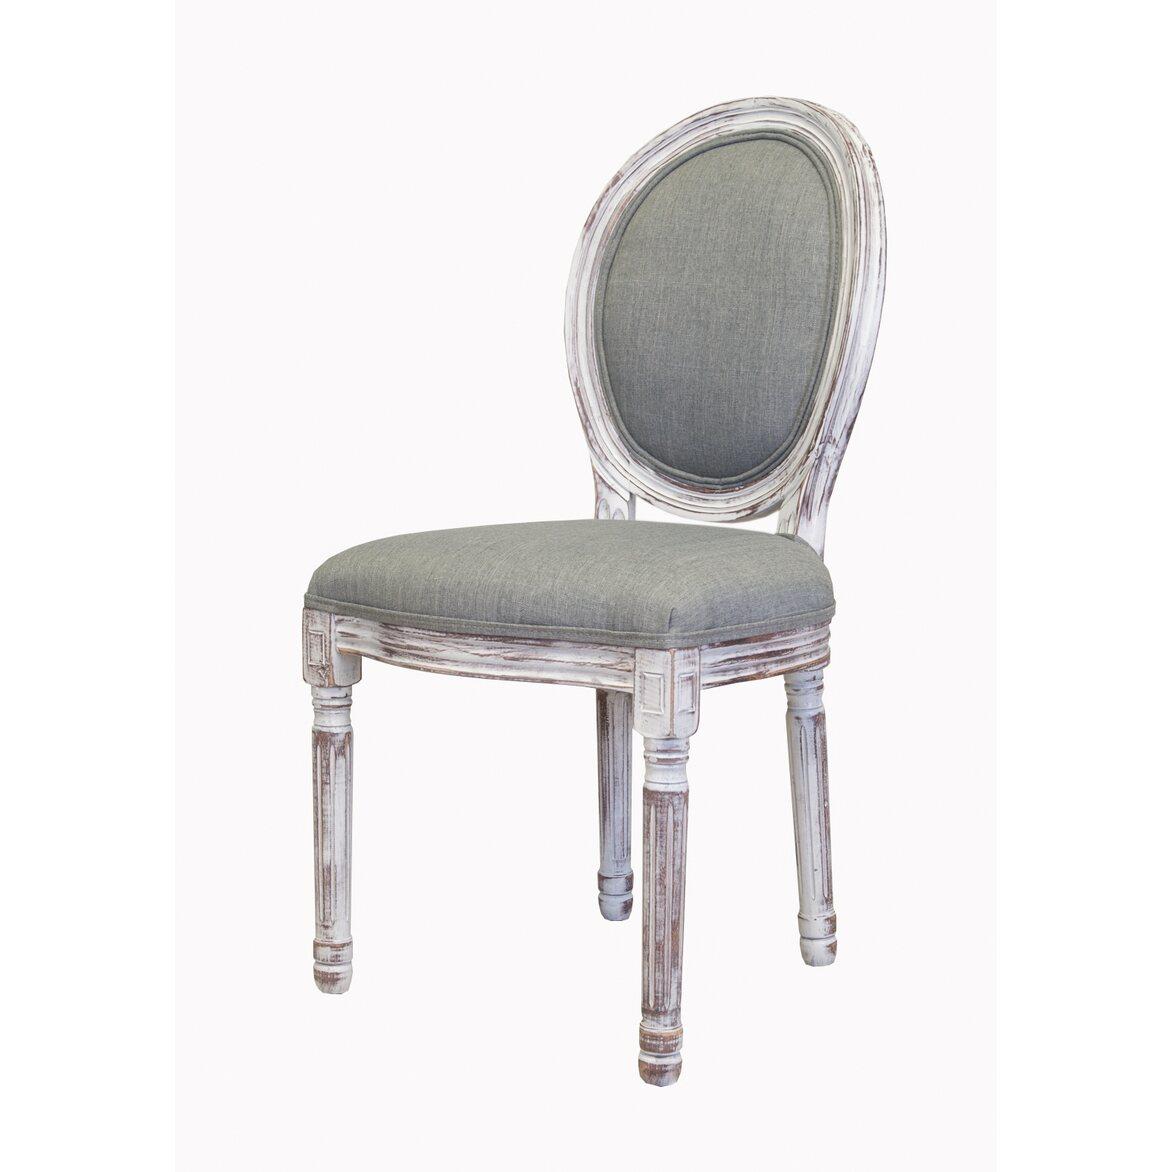 Стул Volker old grey 4 | Обеденные стулья Kingsby